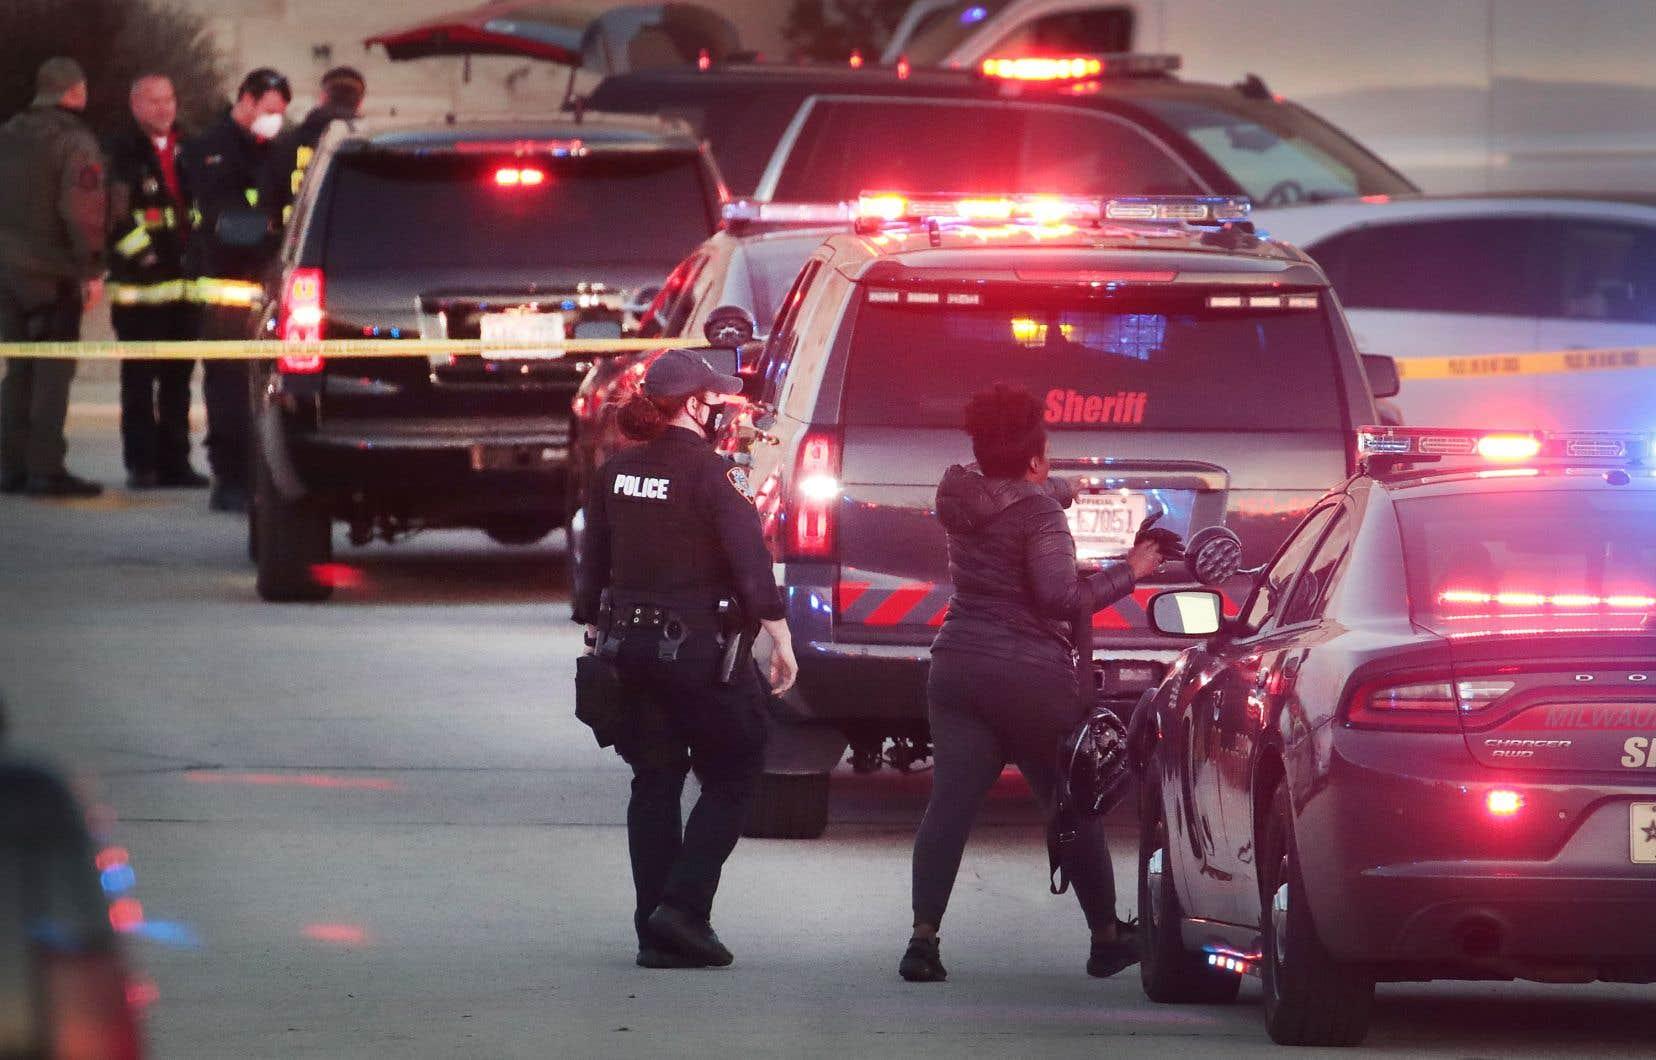 La fusillade s'est produite à l'intérieur du supermarché Mayfair Mall dans la ville de Wauwatosa, en banlieue de Milwaukee, selon le «Milwaukee Journal Sentinel».